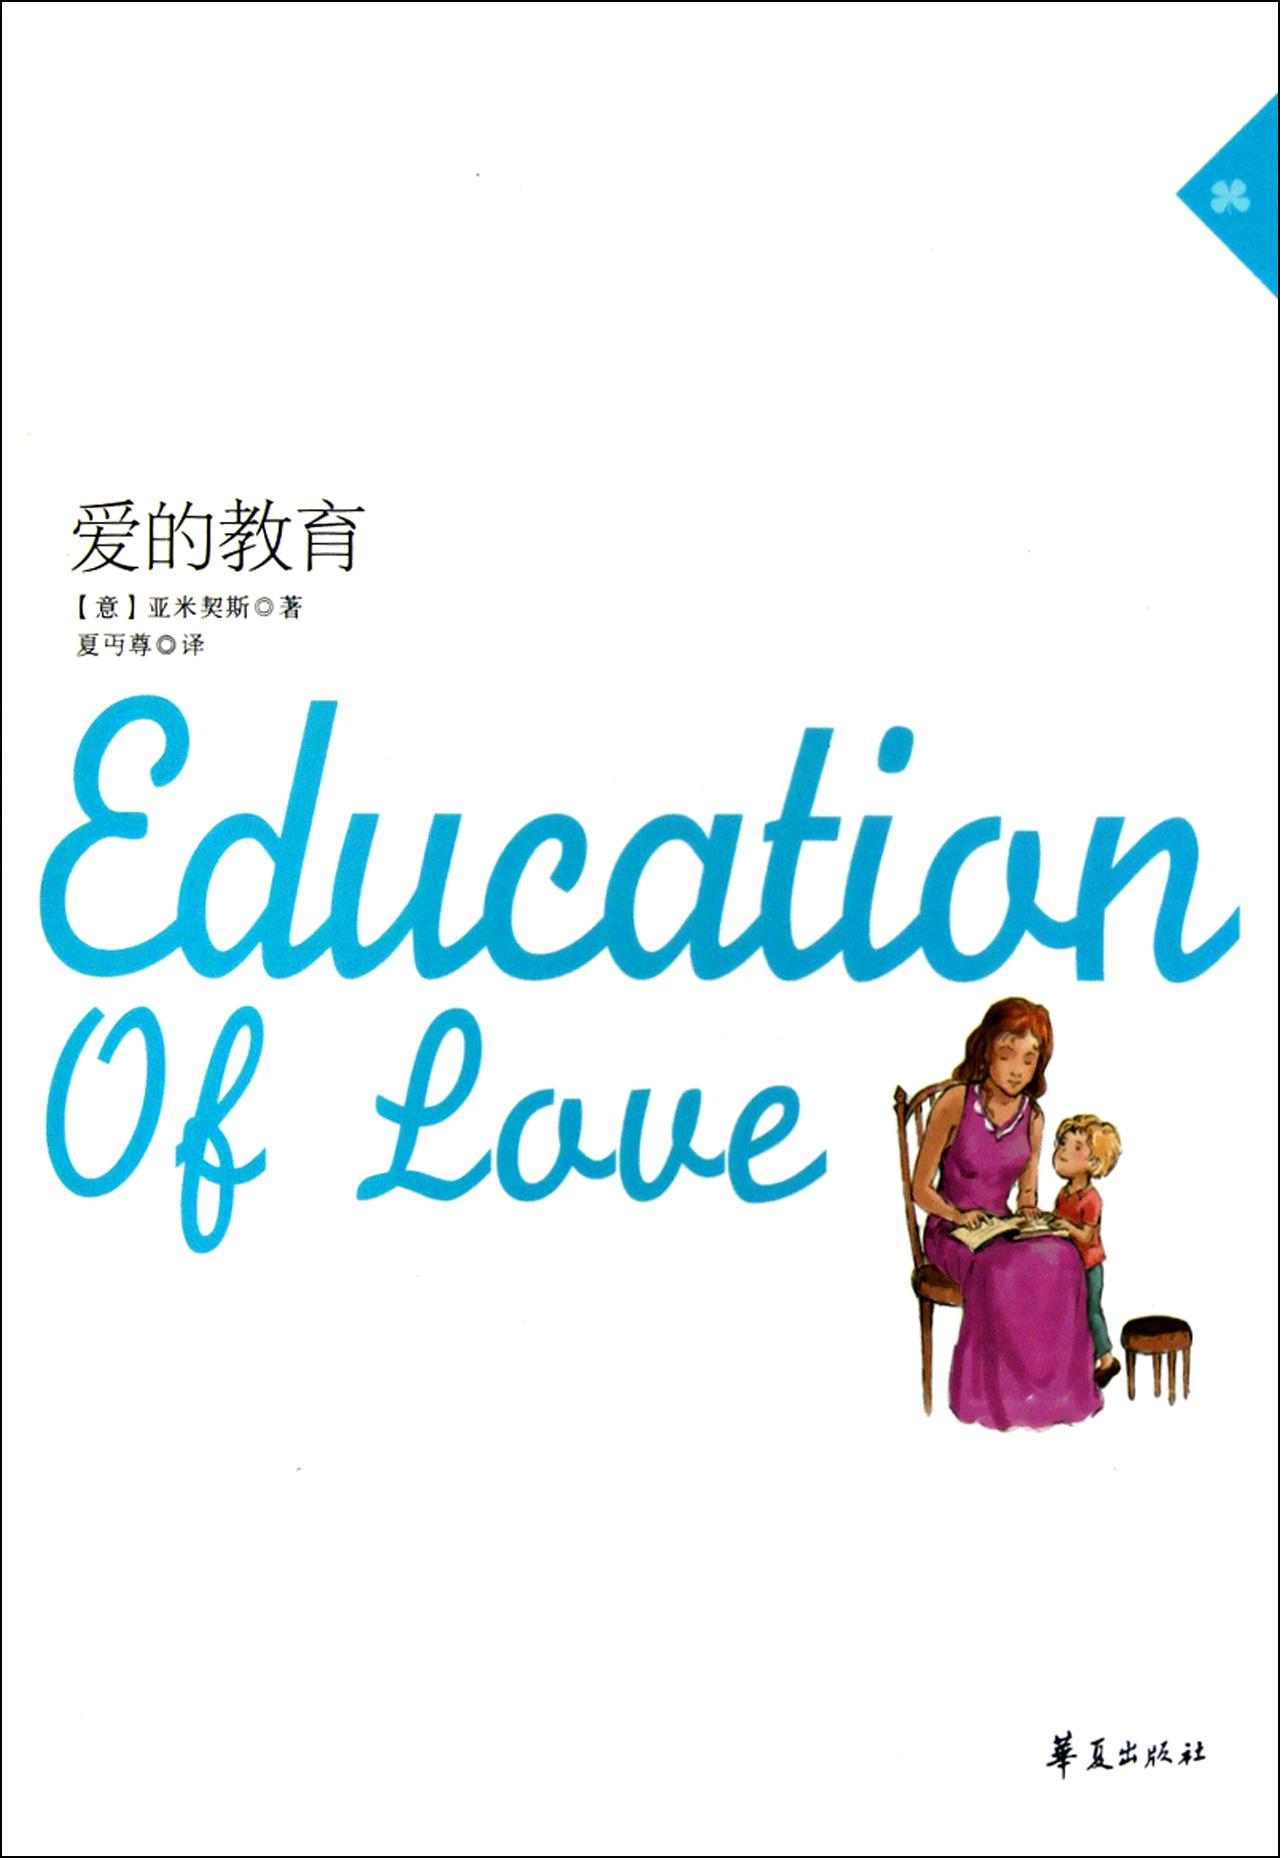 践行公益,爱心教育 矢量图素材